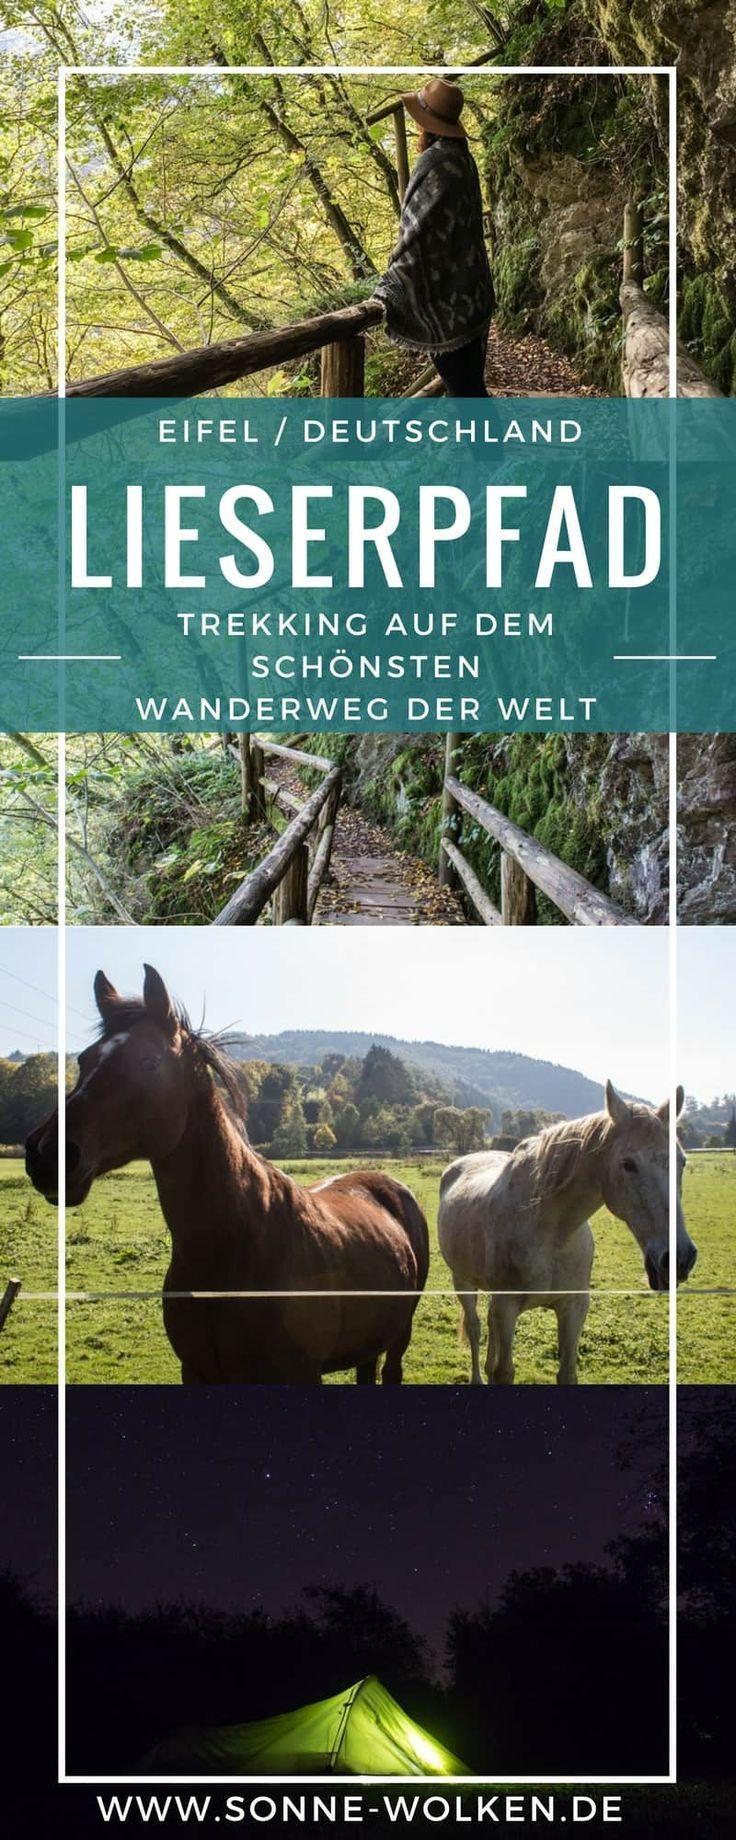 Lieserpfad – Trekking auf dem schönsten Wanderweg der Welt – Heike Ritter